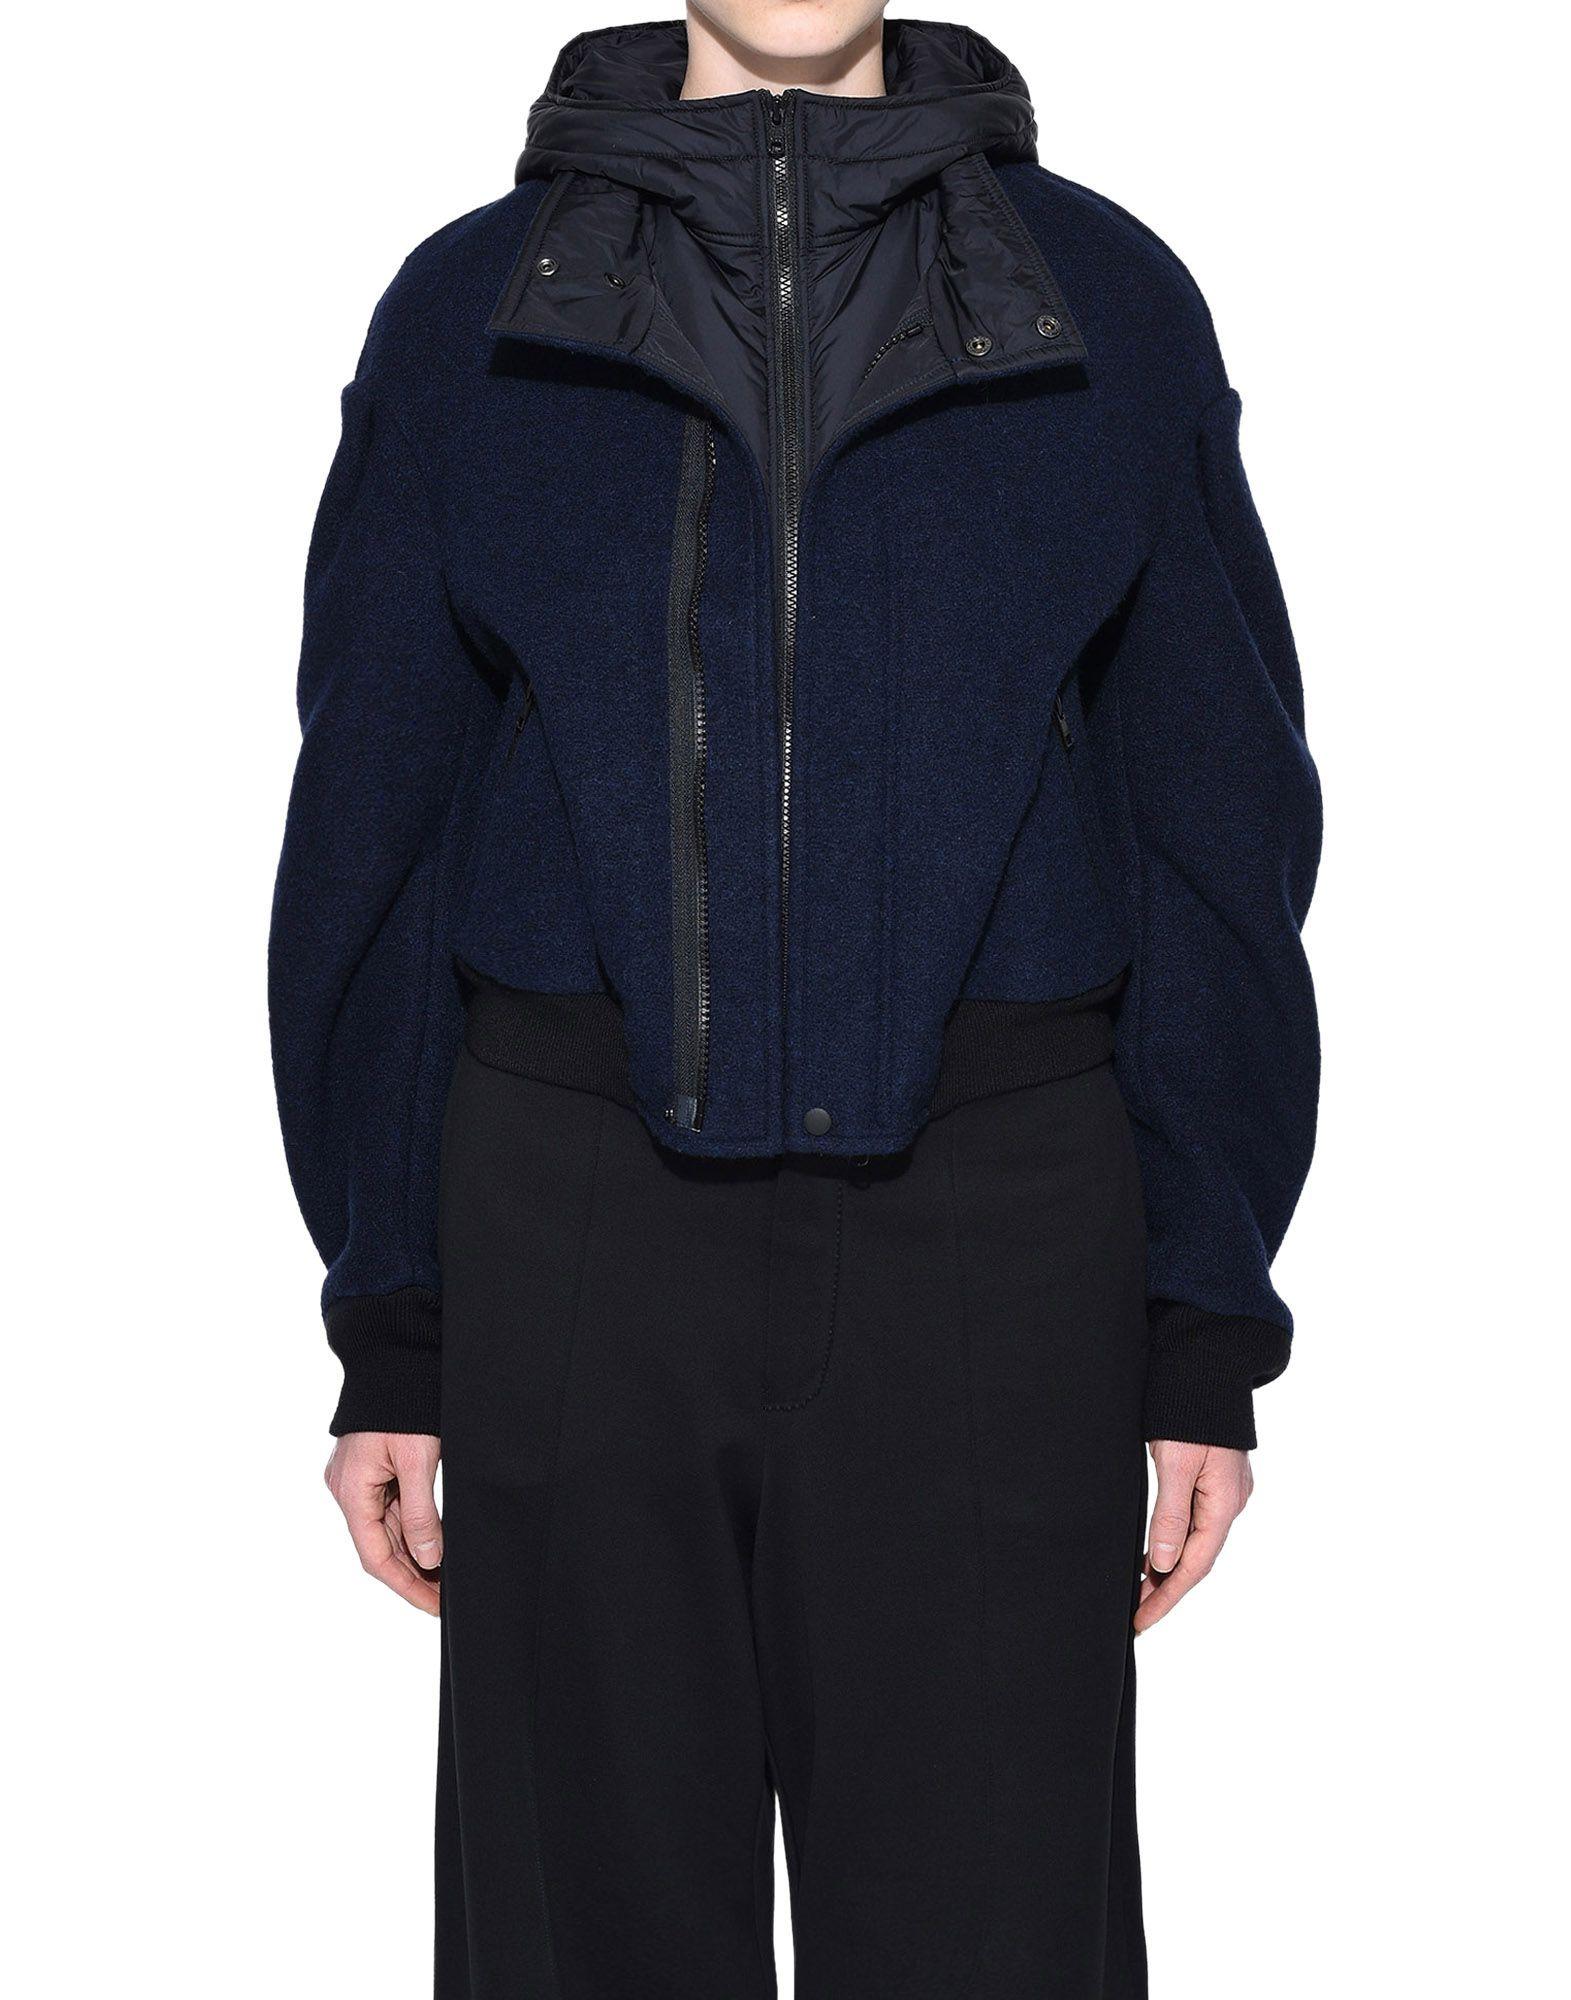 Y-3 Y-3 Wool Hoodie Jacket ブルゾン レディース r